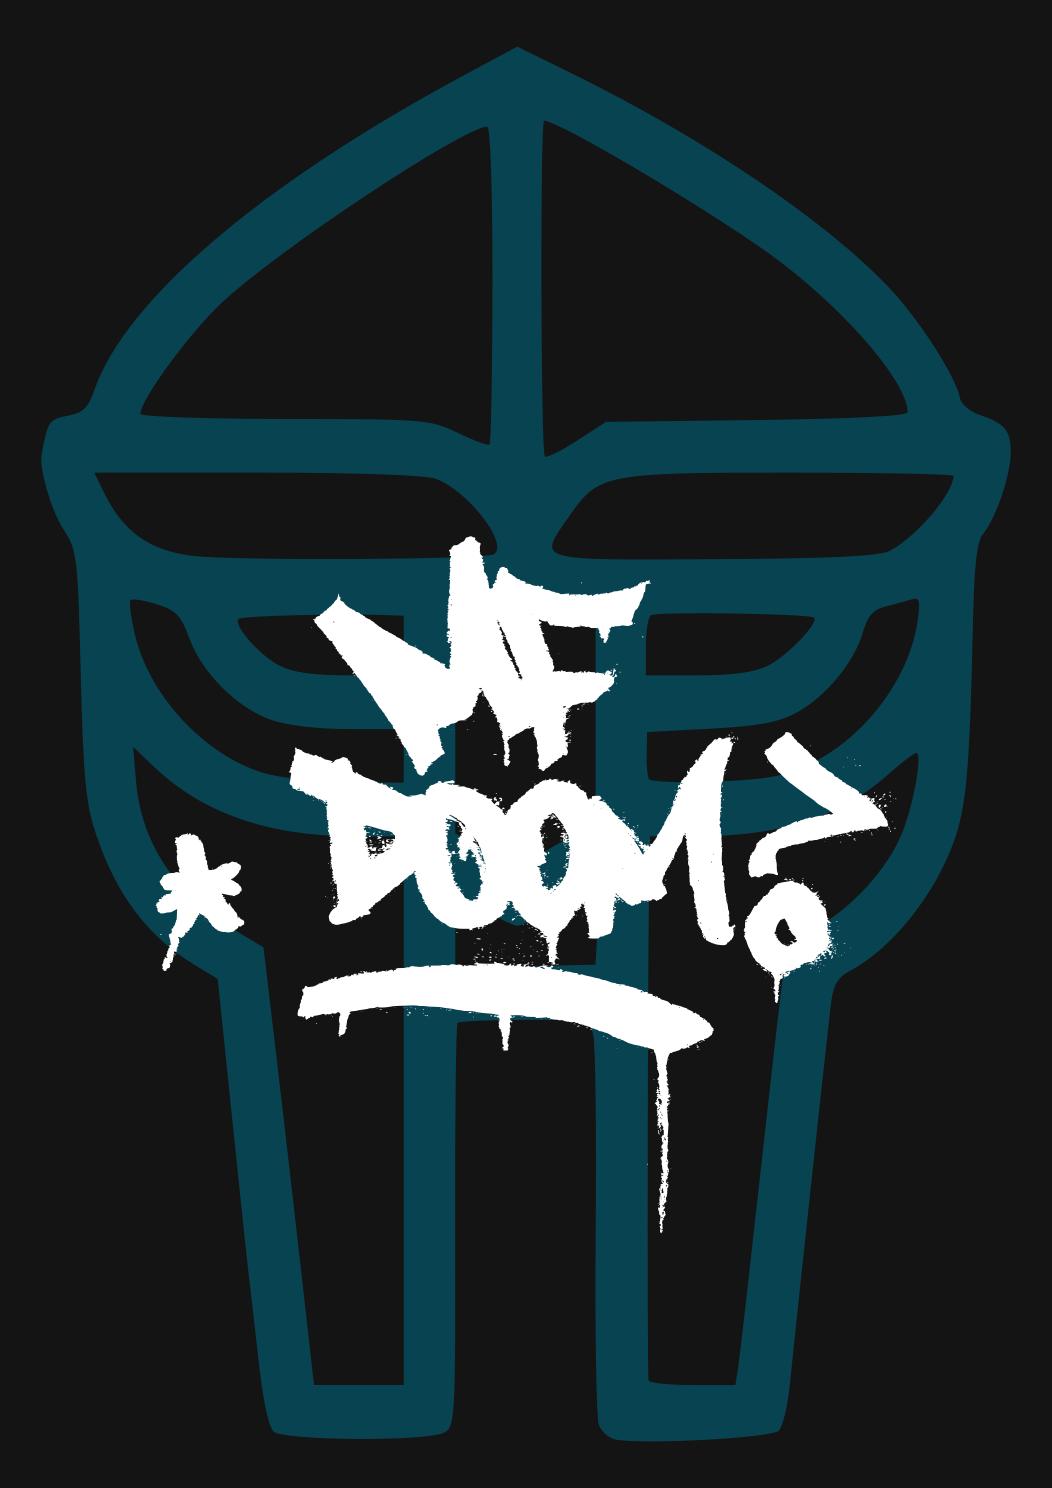 Mf Doom Graffiti Mf Doom Street Art Graffiti Graffiti